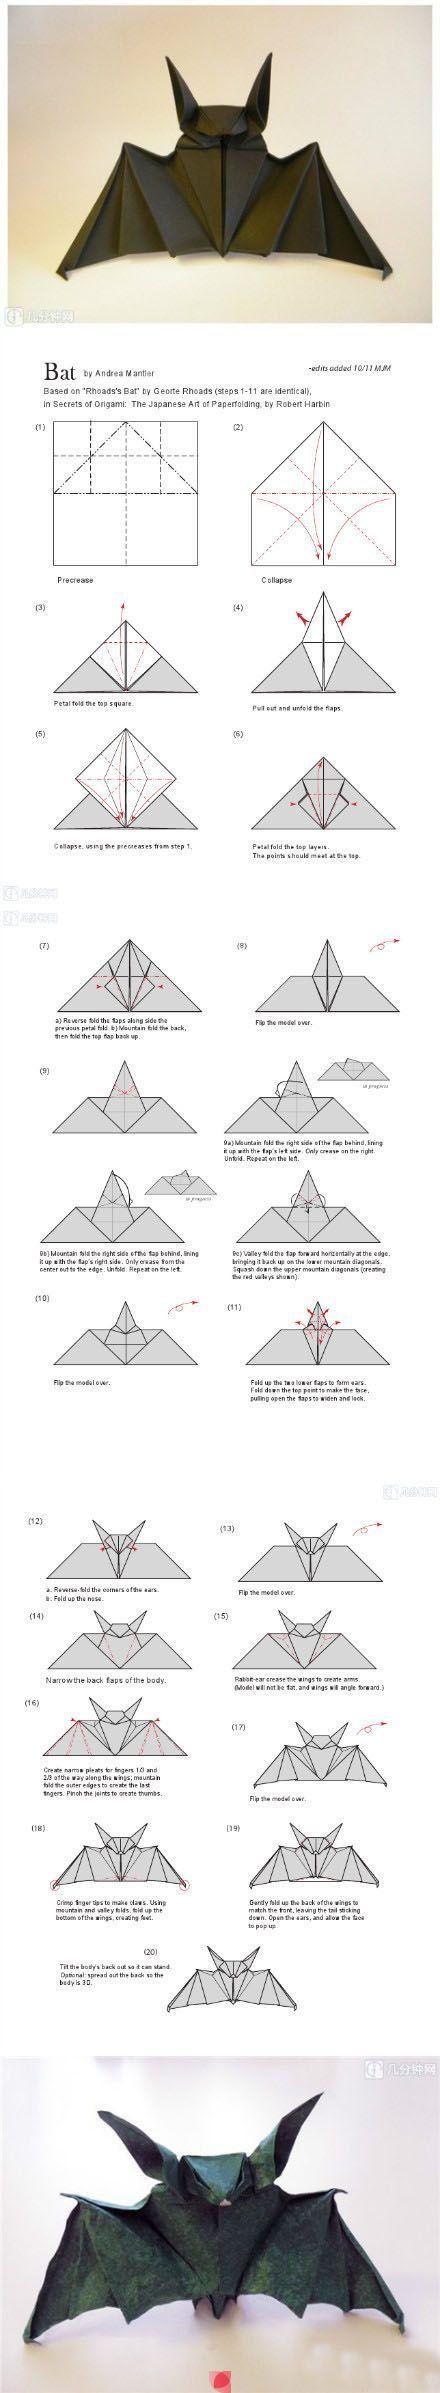 Origami Bat diagrams.